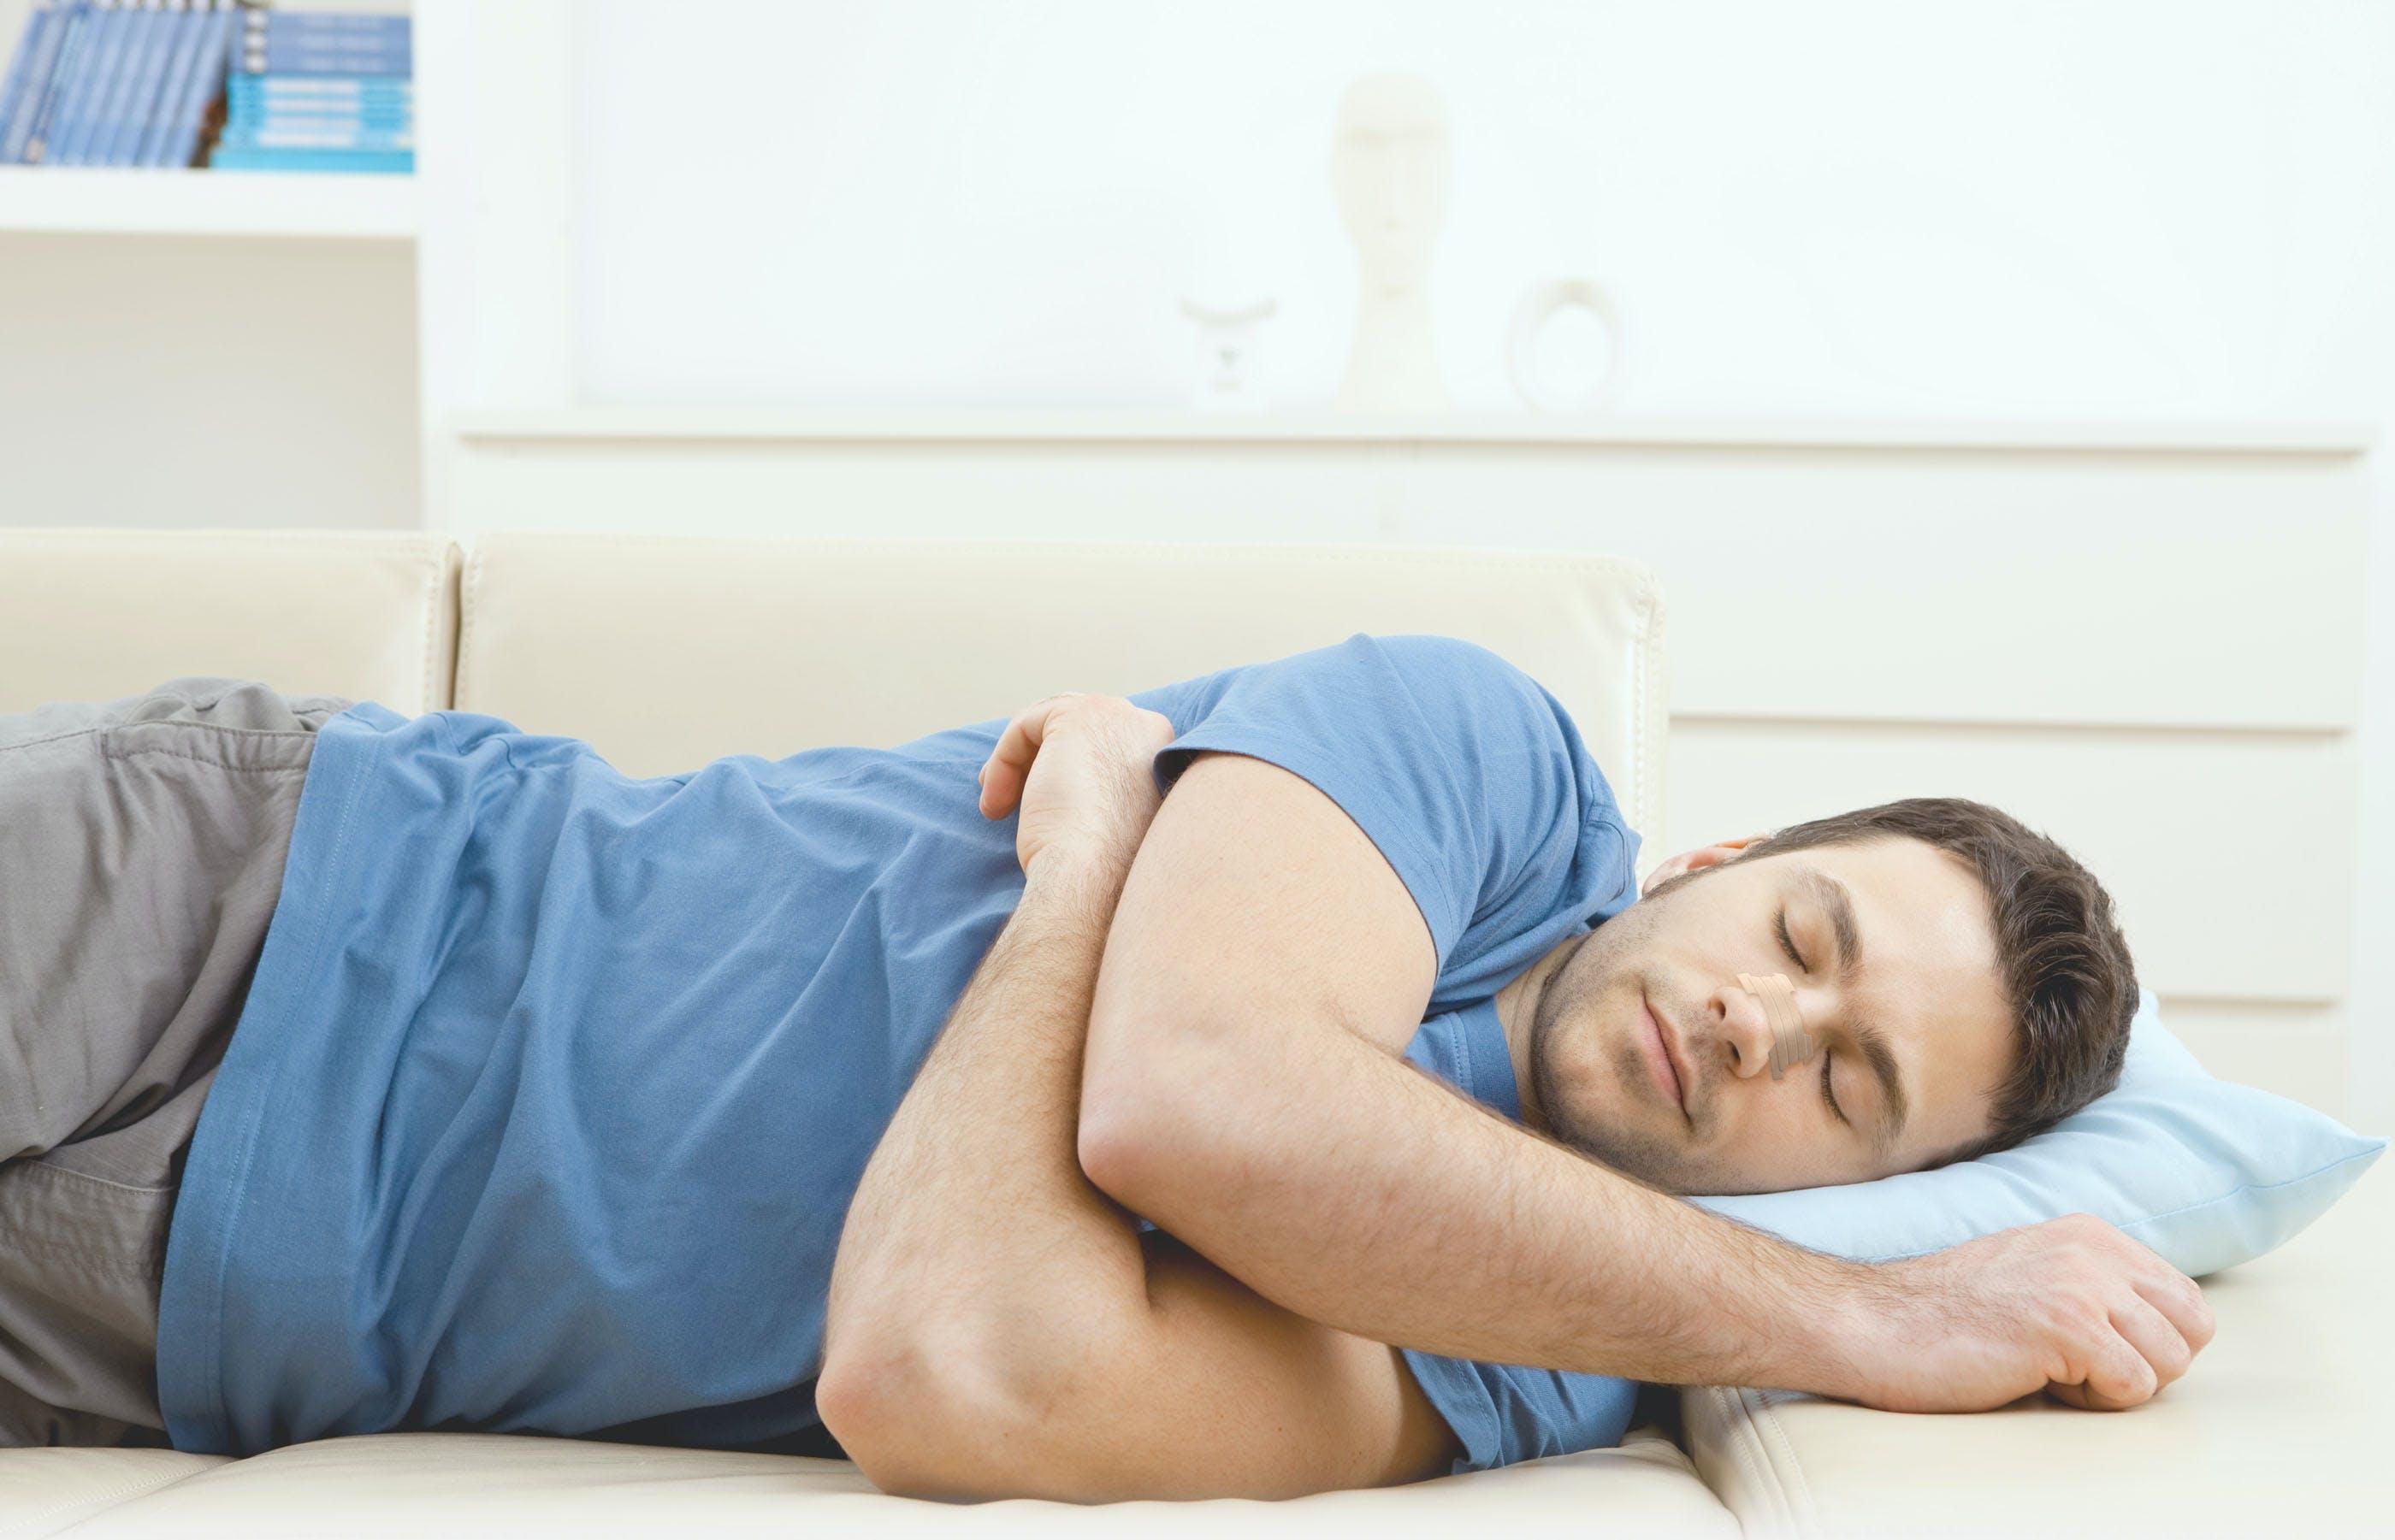 أفضل وضعية للنوم لزيادة الطول